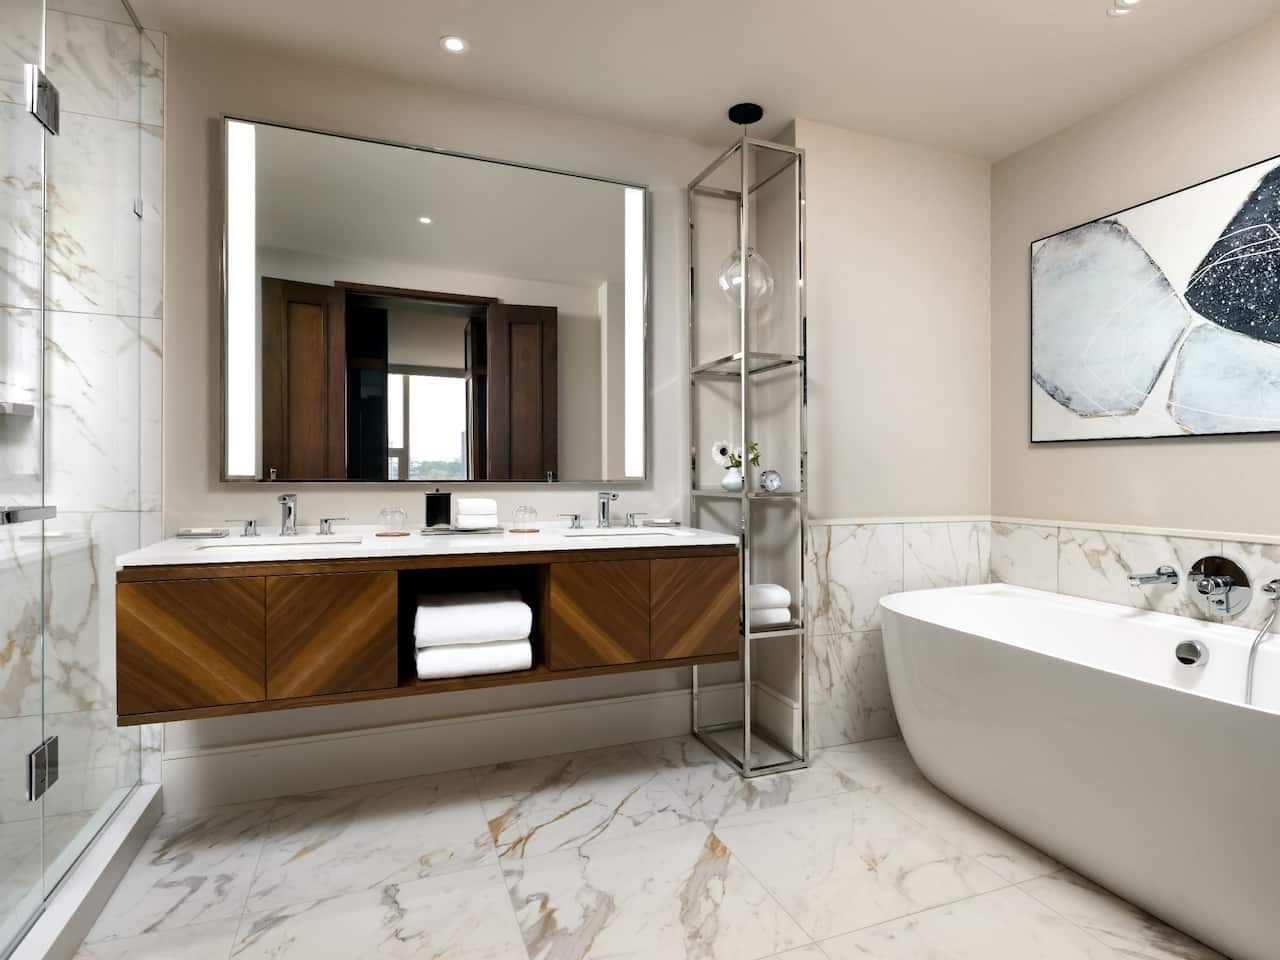 Deluxe Corner Suite Bathroom